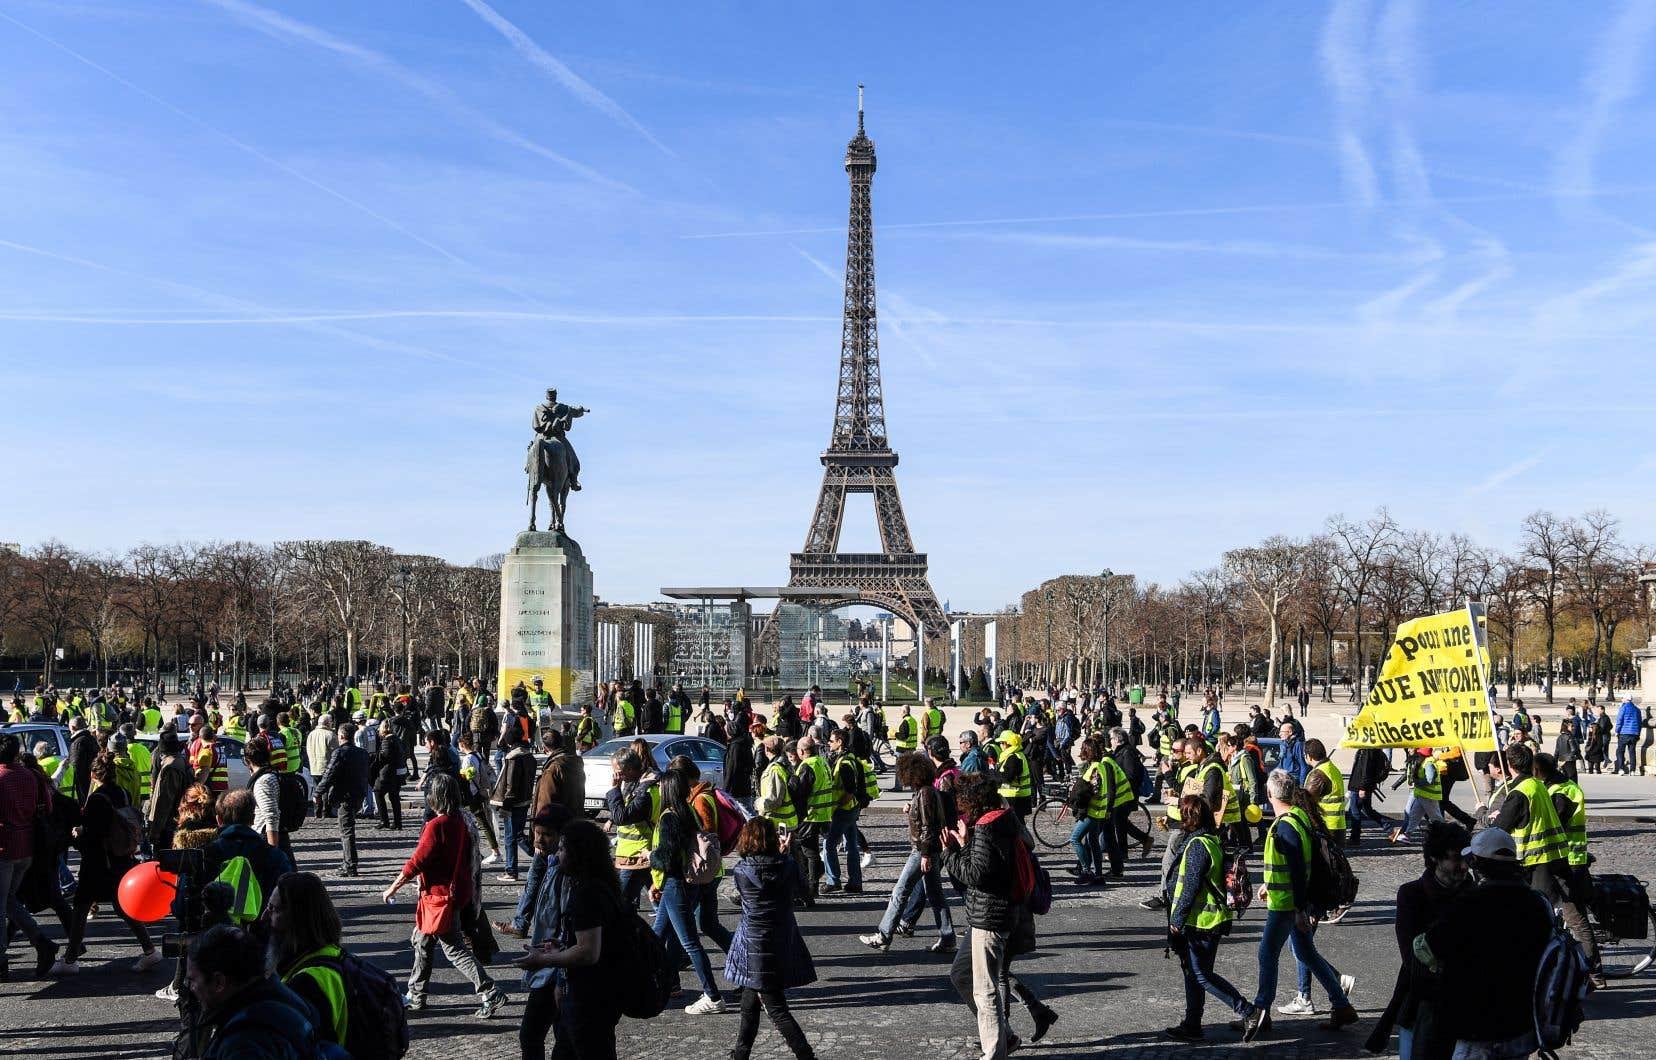 Défilant sous un grand soleil, des «gilets jaunes» ont entonné dimanche un «joyeux anniversaire» dans les rues de Paris pour fêter les trois mois de ce mouvement de contestation inédit qui fragilise l'exécutif français.